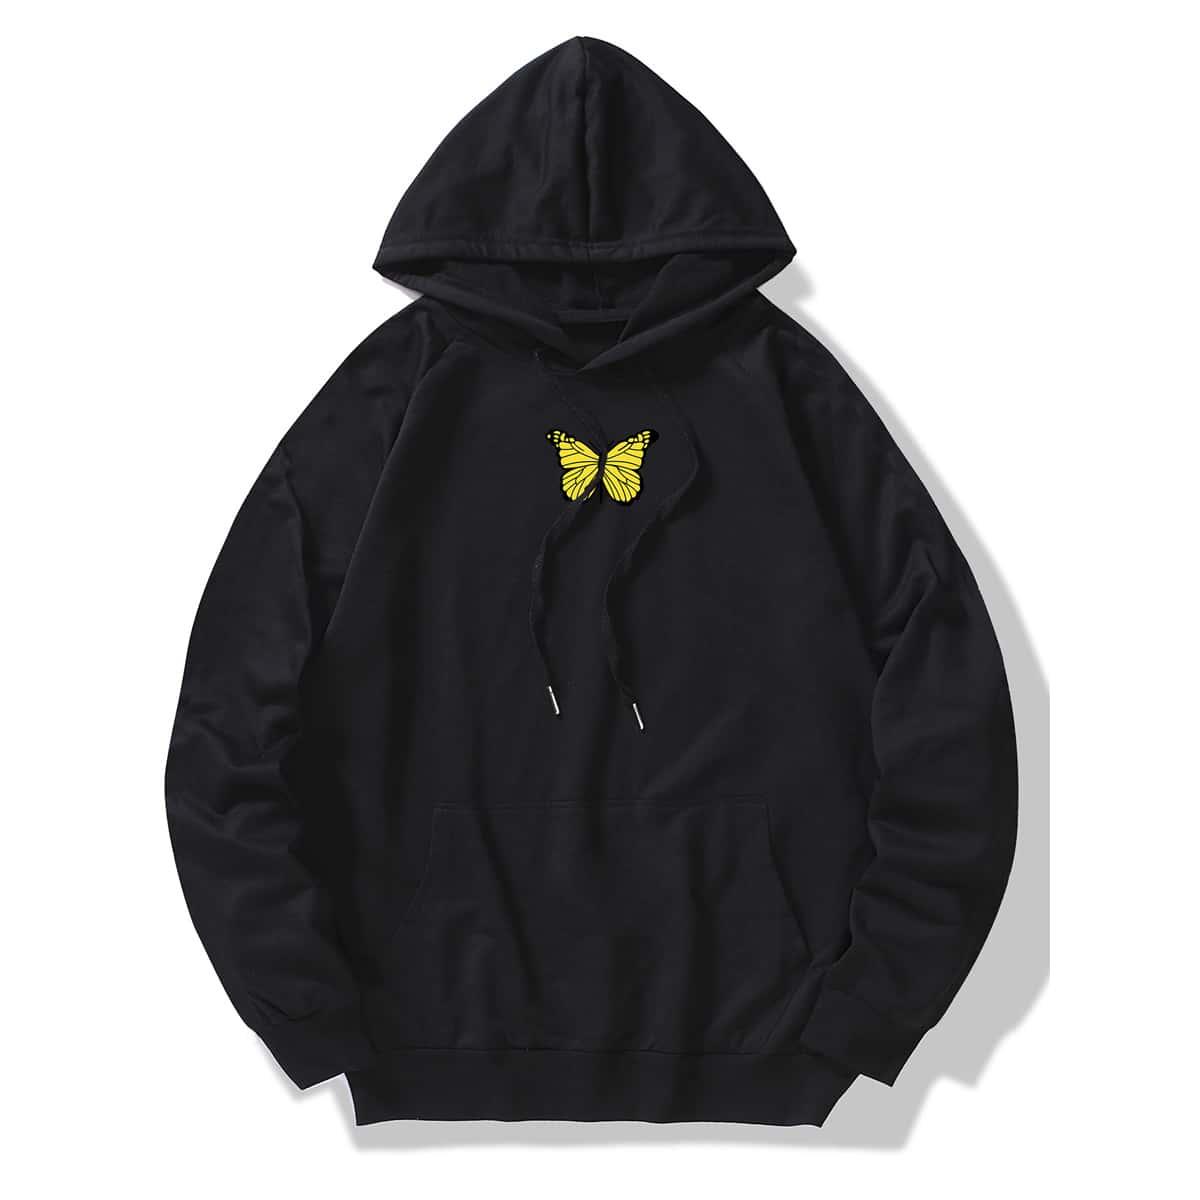 SHEIN / Men Butterfly Print Kangaroo Pocket Drawstring Hoodie